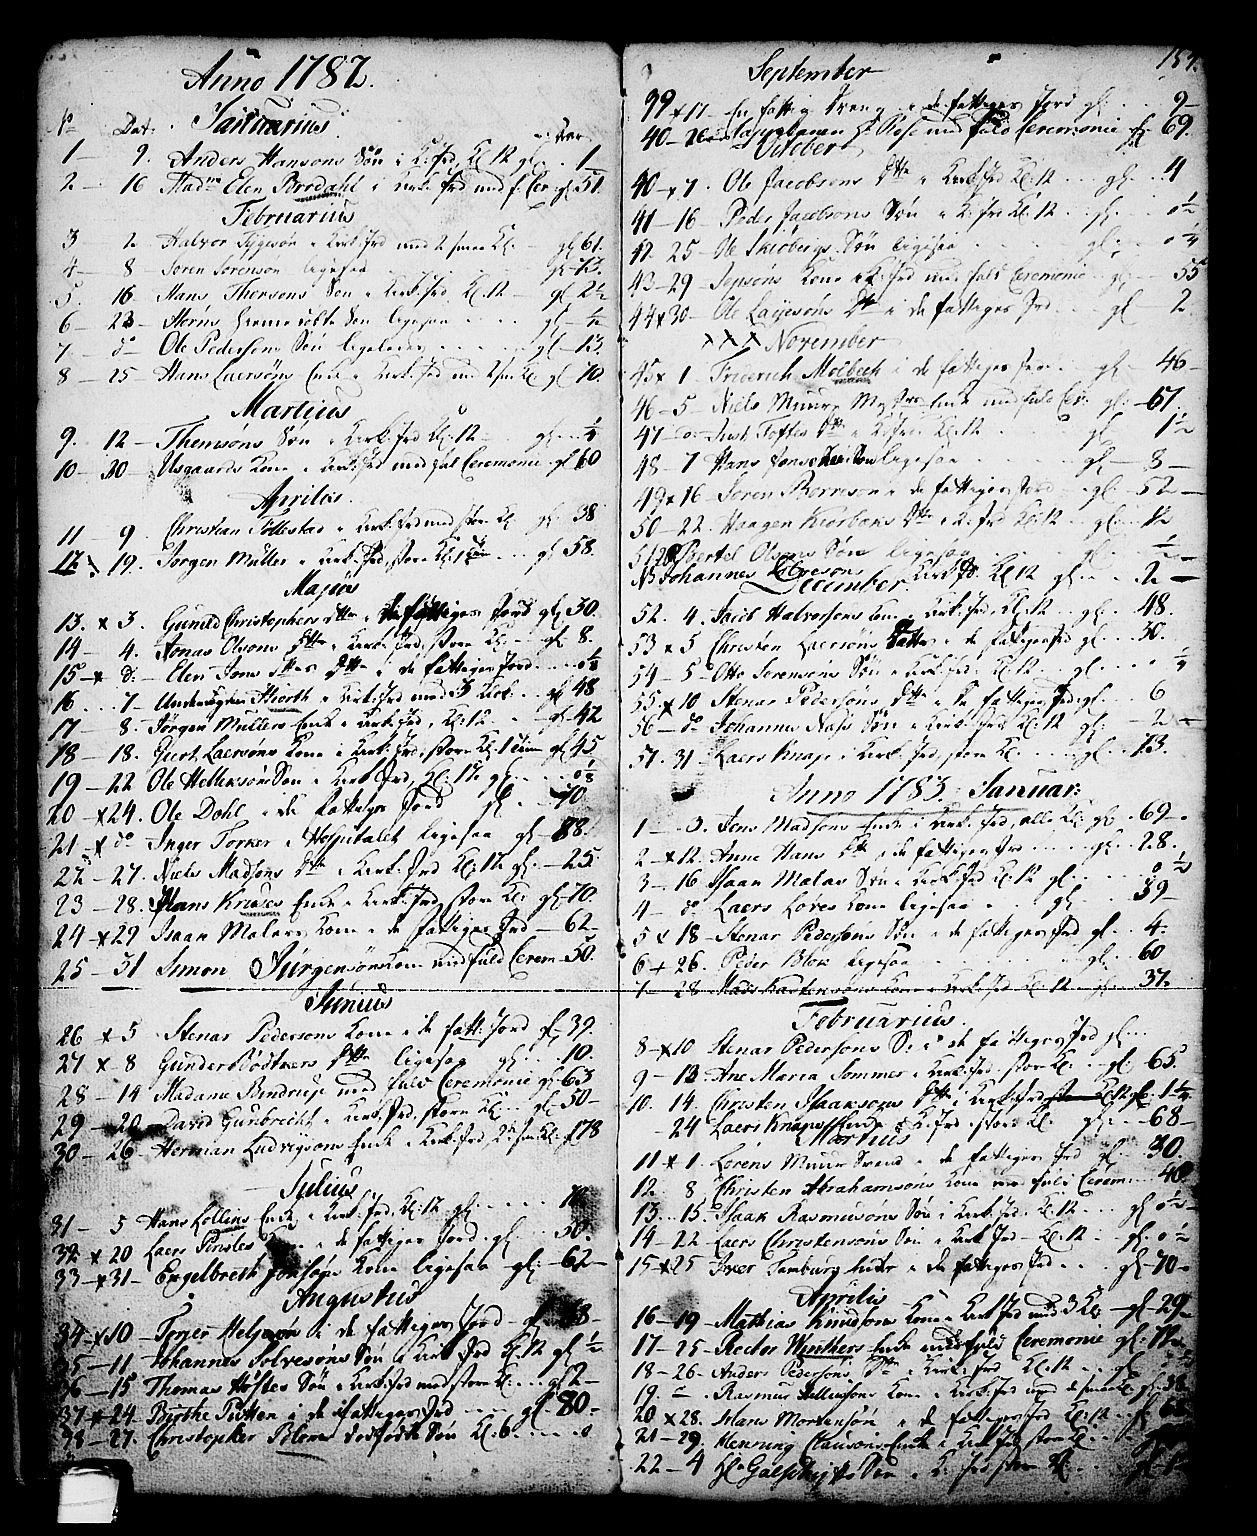 SAKO, Skien kirkebøker, G/Ga/L0001: Klokkerbok nr. 1, 1756-1791, s. 154